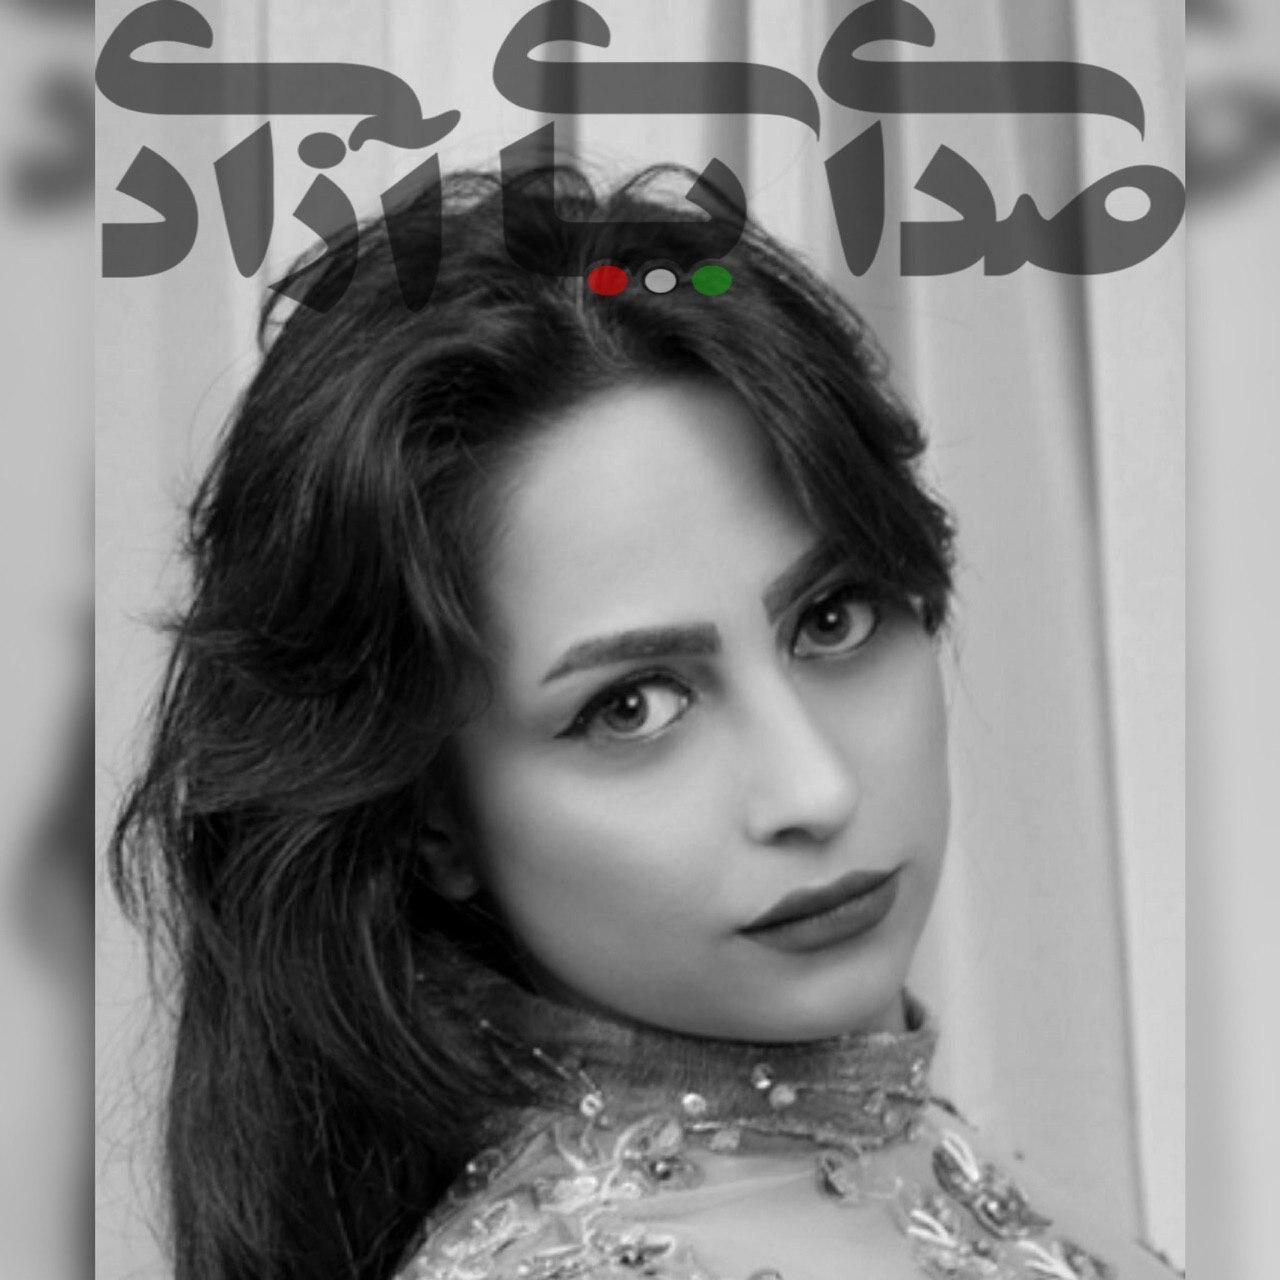 بازداشت توام با ضرب و شتم سهیلا حجاب، فعال سیاسی و وکیل دادگستری، پس از اتمام جلسه دادگاه تجدید نظر توسط ماموران قرارگاه ثارالله سپاه پاسداران